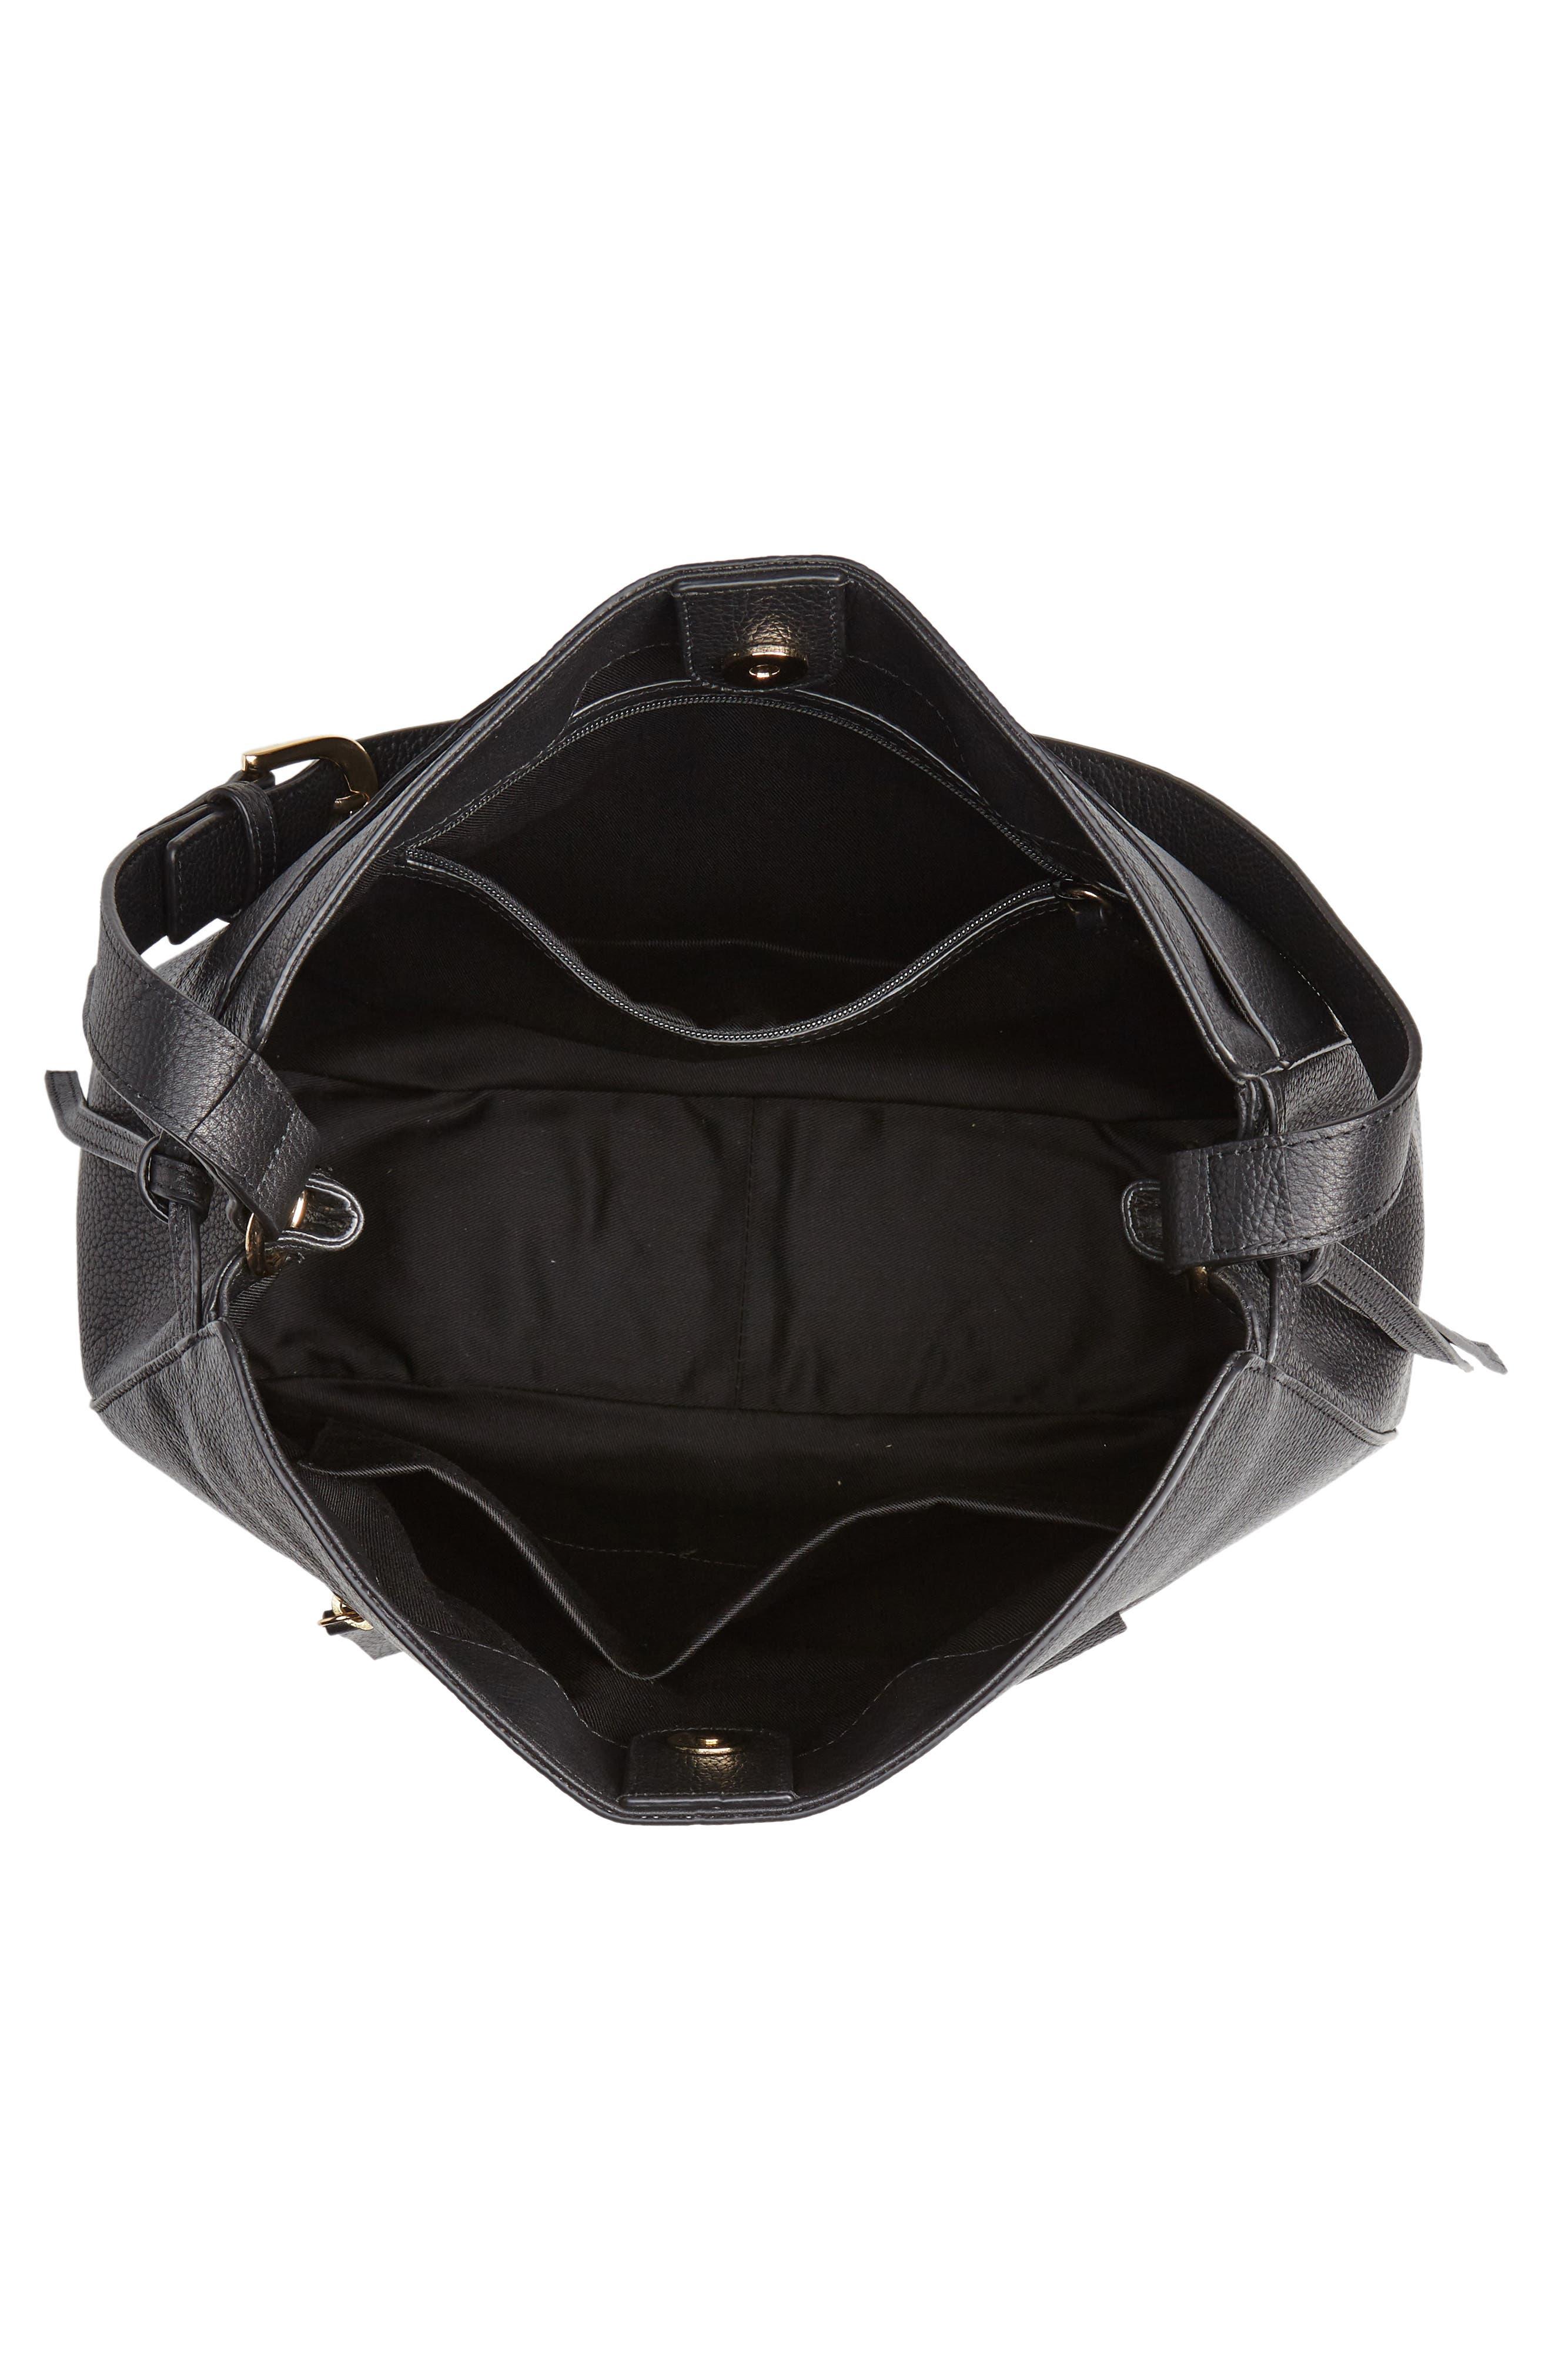 NORDSTROM,                             Finley Leather Hobo,                             Alternate thumbnail 4, color,                             BLACK